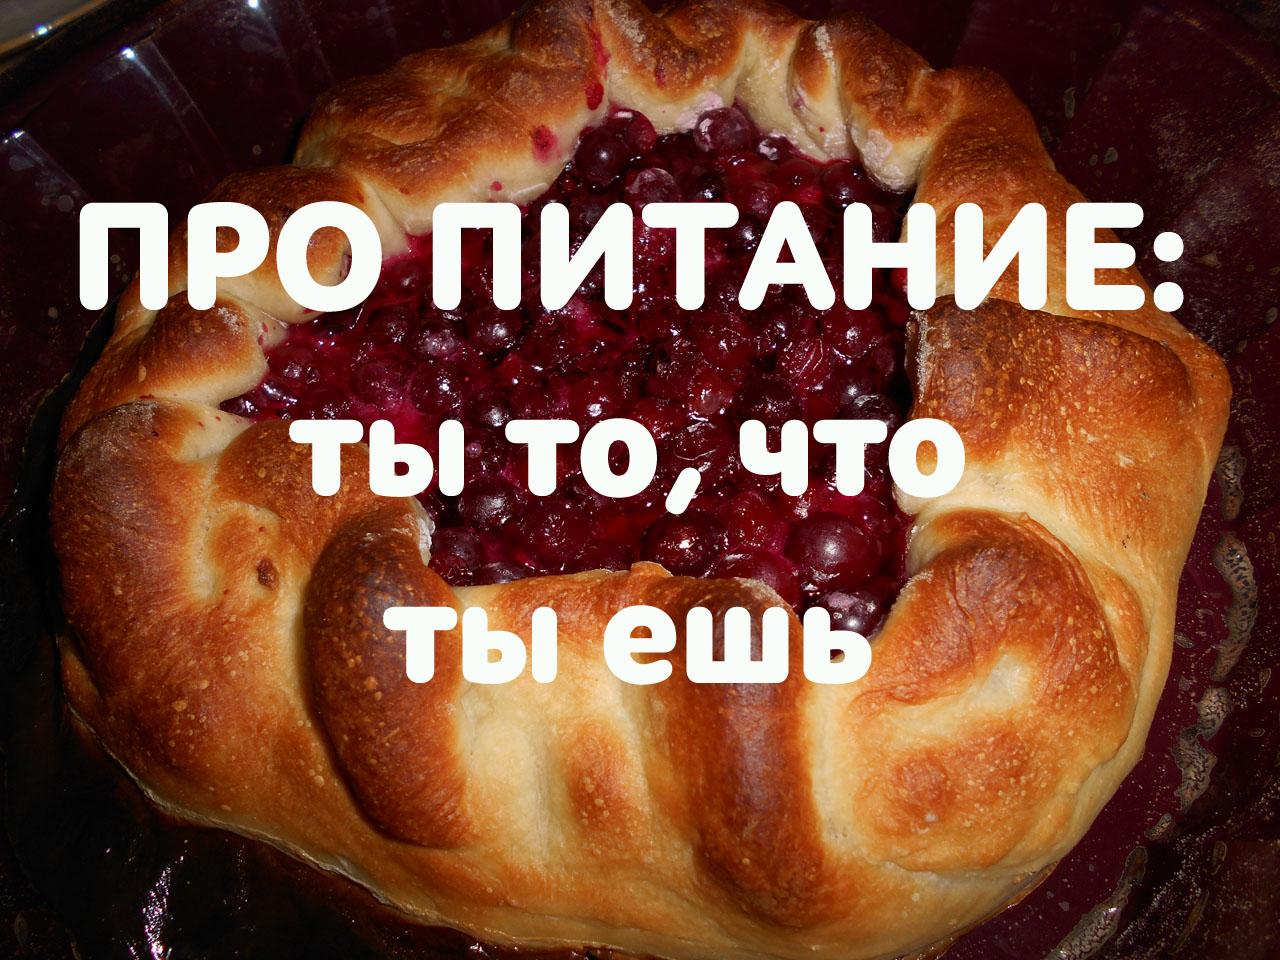 С.Петров Богдан Свиное сало: вред или польза?